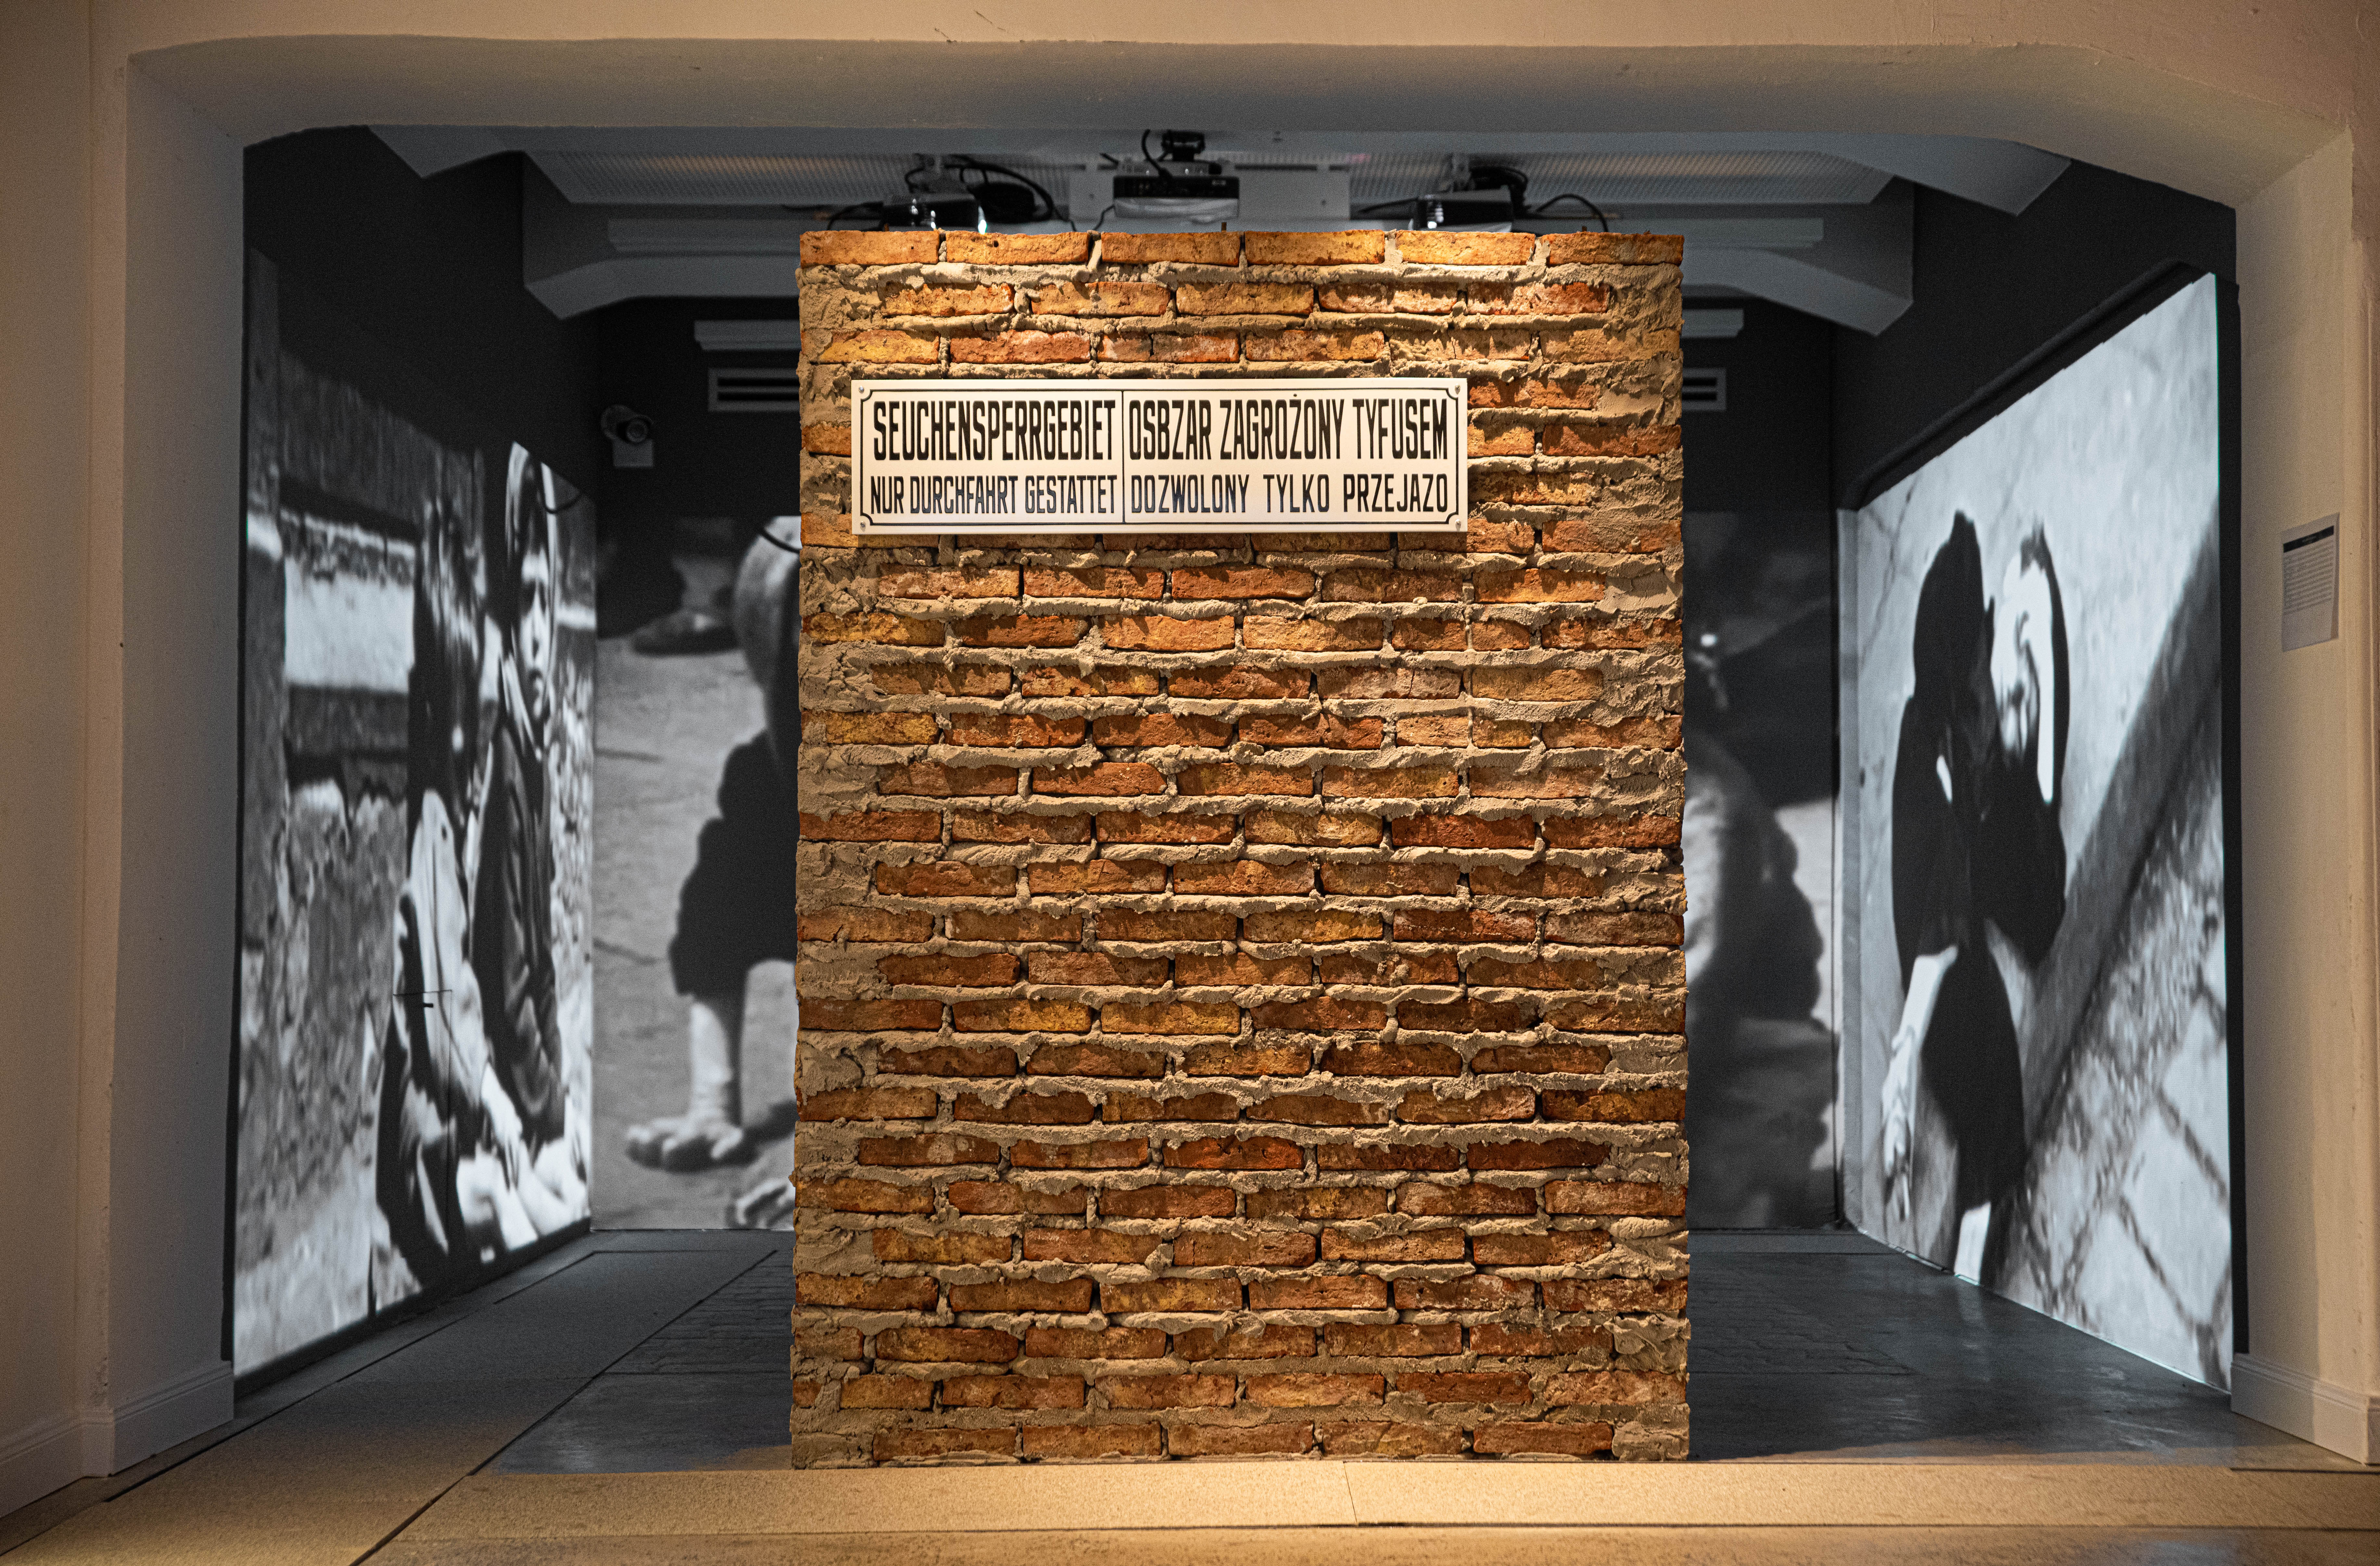 En el Museo del Holocausto hay un espacio para buscar información de los guetos. Hubo cerca de 1.200. Se pueden consignar las condiciones infrahumanas de vida: el hacinamiento, el hambre, el trabajo forzado. También la biografía de los sobrevivientes.